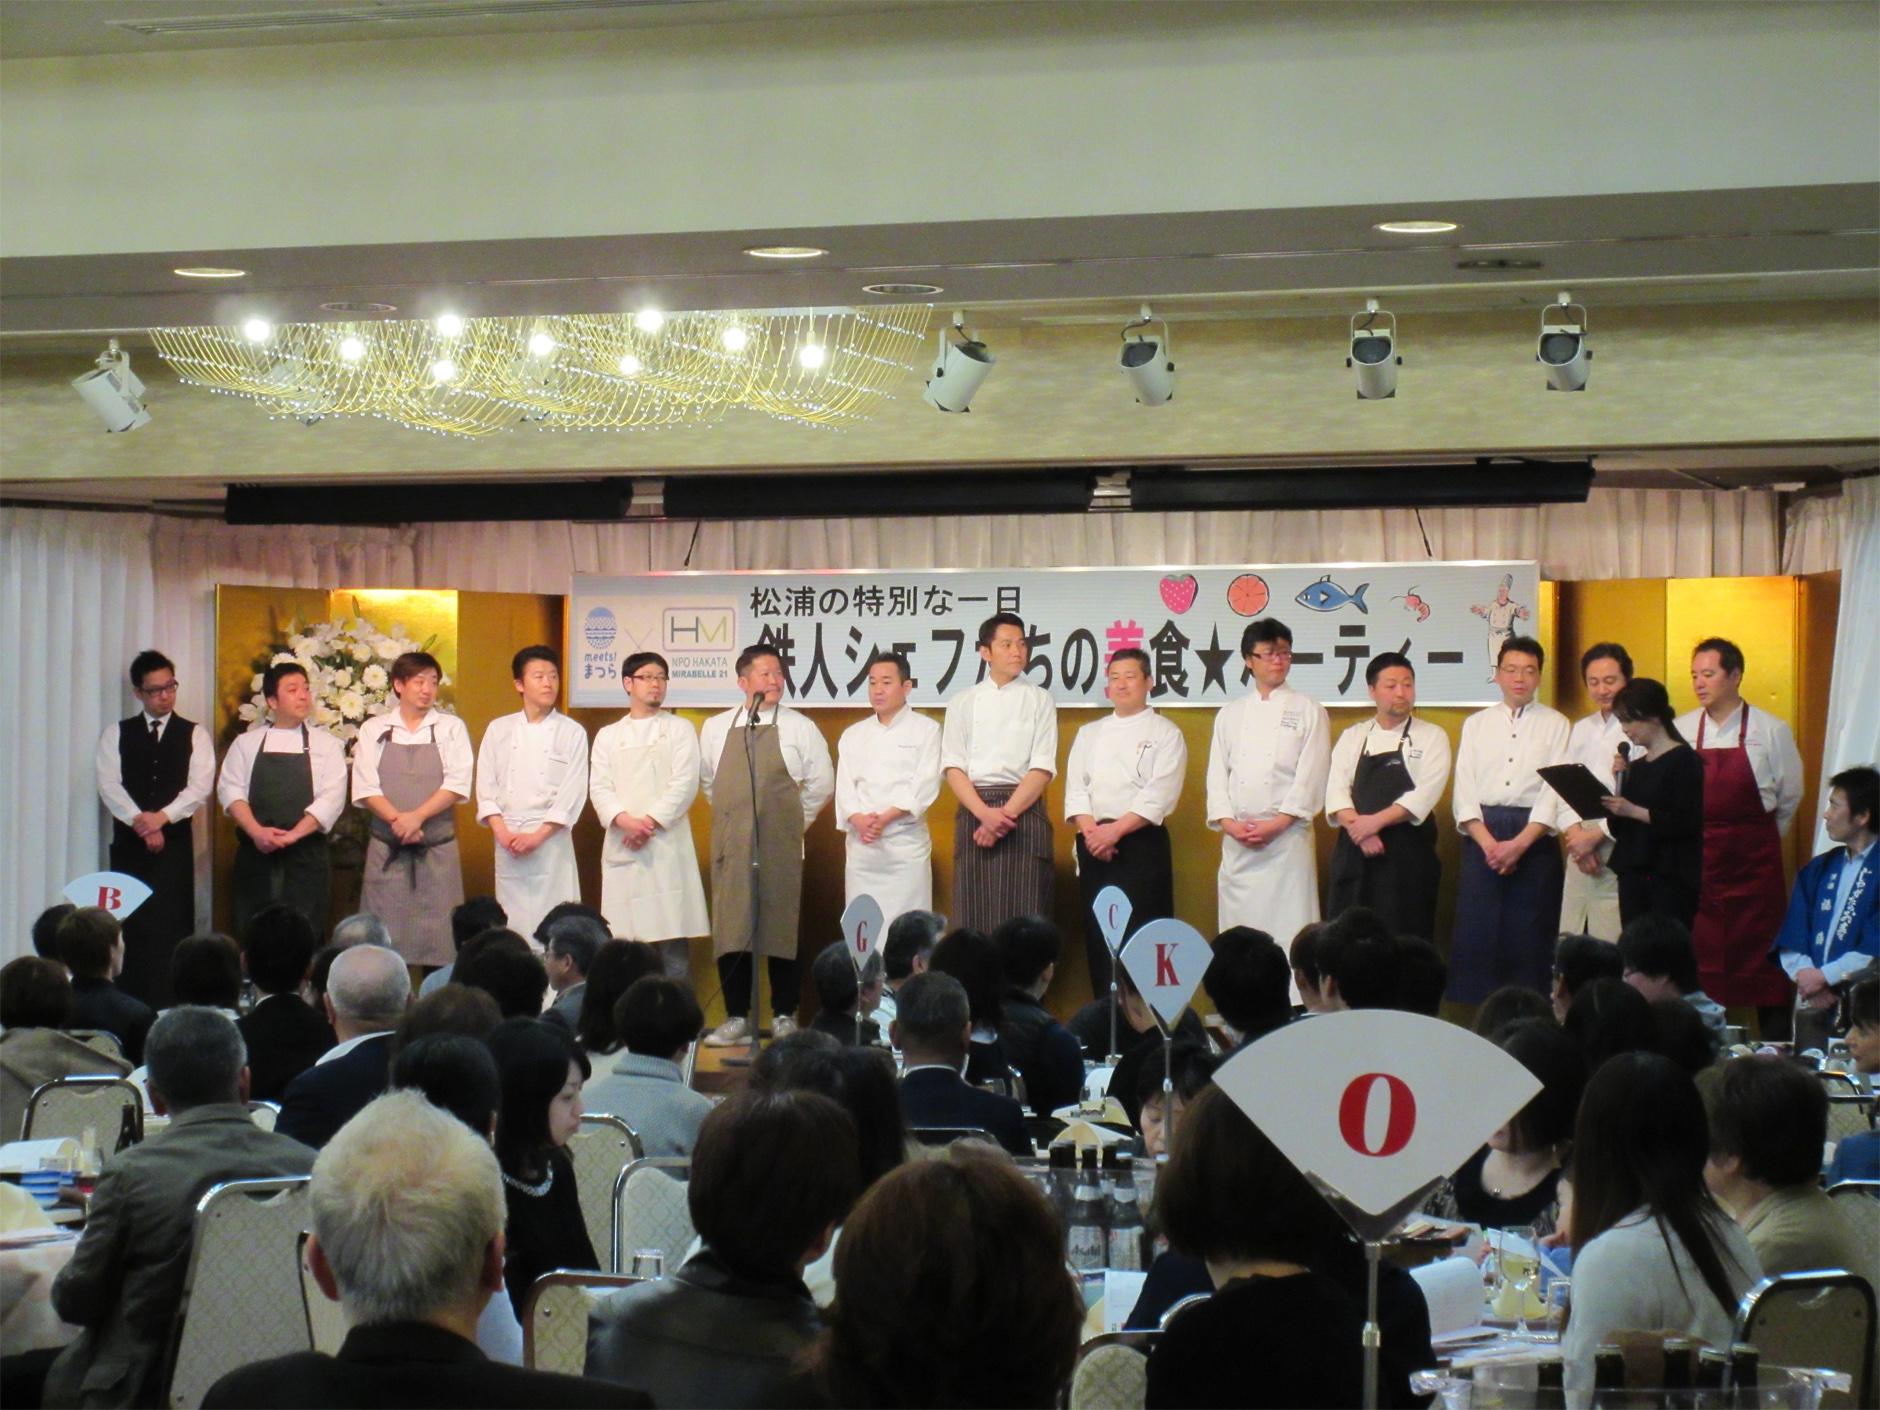 福岡を中心に活躍されている松浦市出身のシェフ17名